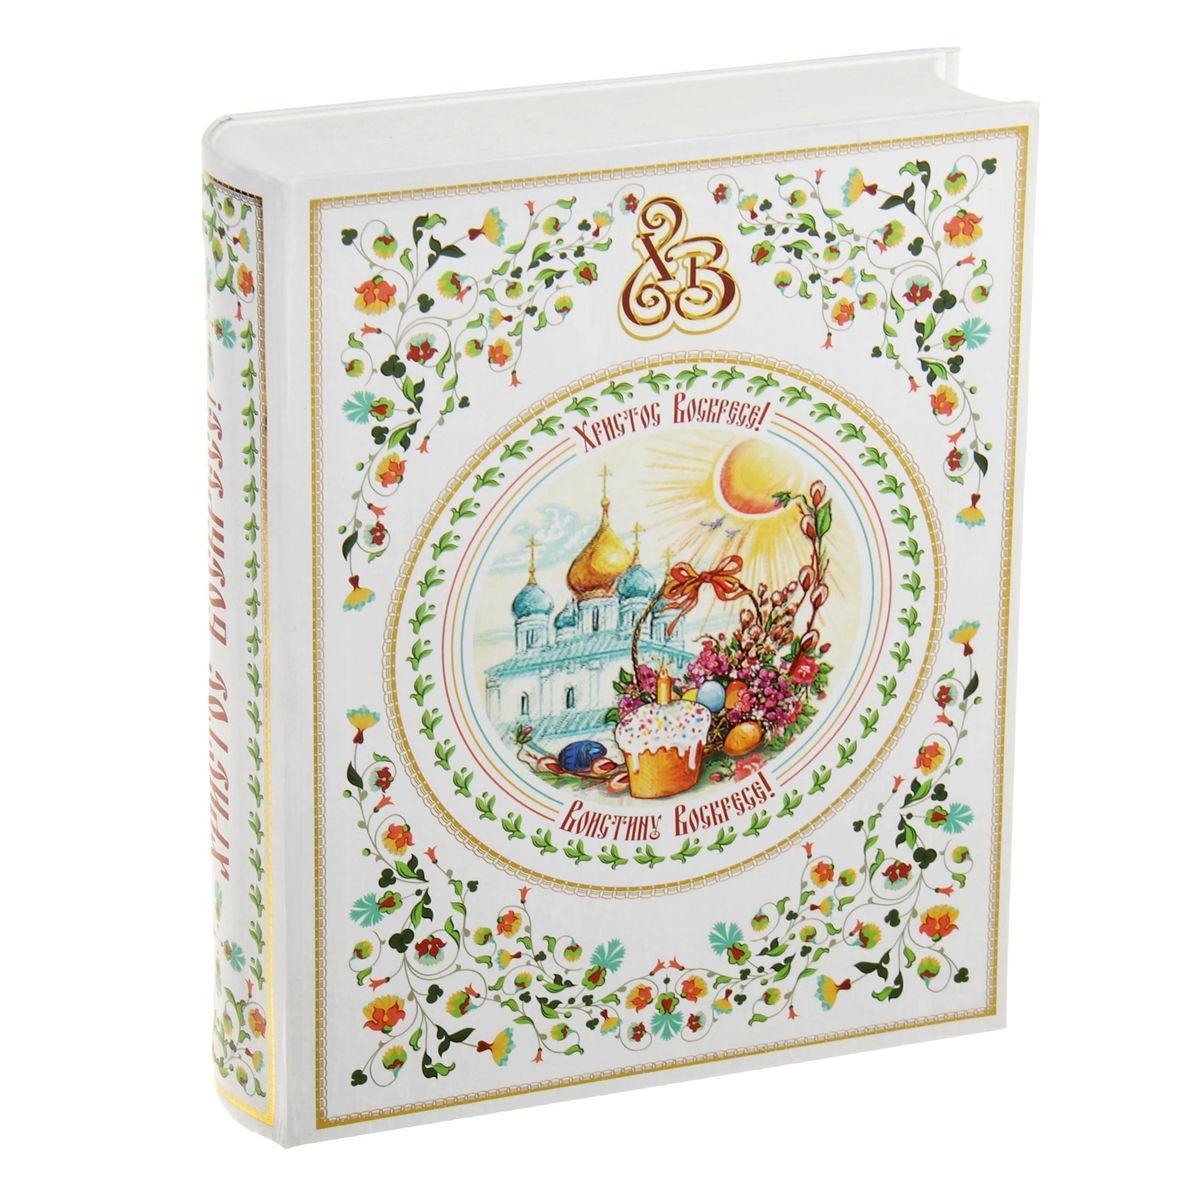 Книга-шкатулка Пасха цветочная, 22 х 16,5 х 4,5 см 877625877625Эта книга-шкатулка выполнена в виде издания всем известного Пасха цветочная. Она имеет углубление для хранения купюр, в котором удобно разместится даже увесистая пачка денег. Обложка книги-шкатулки изготовлена из прочного картона и покрыта глянцевой бумагой. Такая книга-шкатулка станет замечательным подарком-сюрпризом и послужит накоплению личного капитала. Материал: Пластик